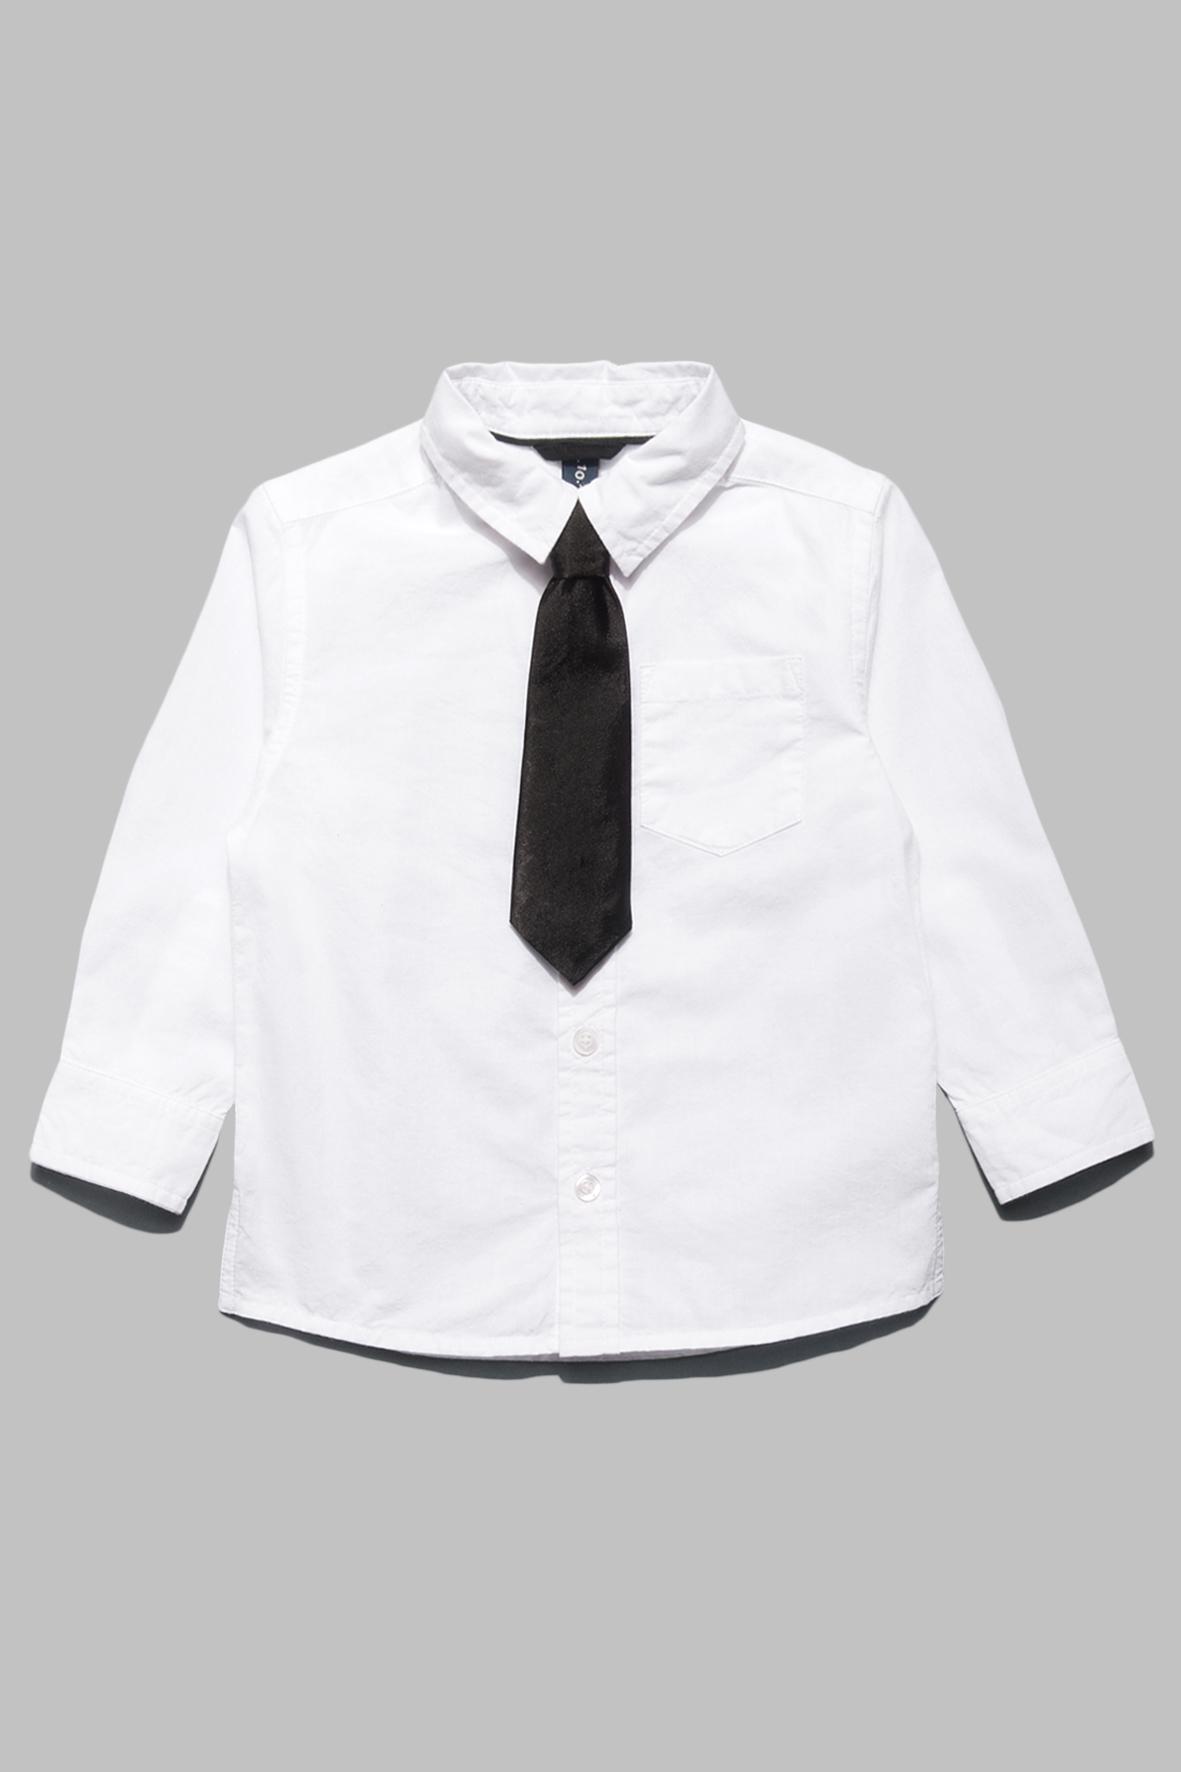 Elegancka koszula chłopięca (źródło: www.51015kids.eu)